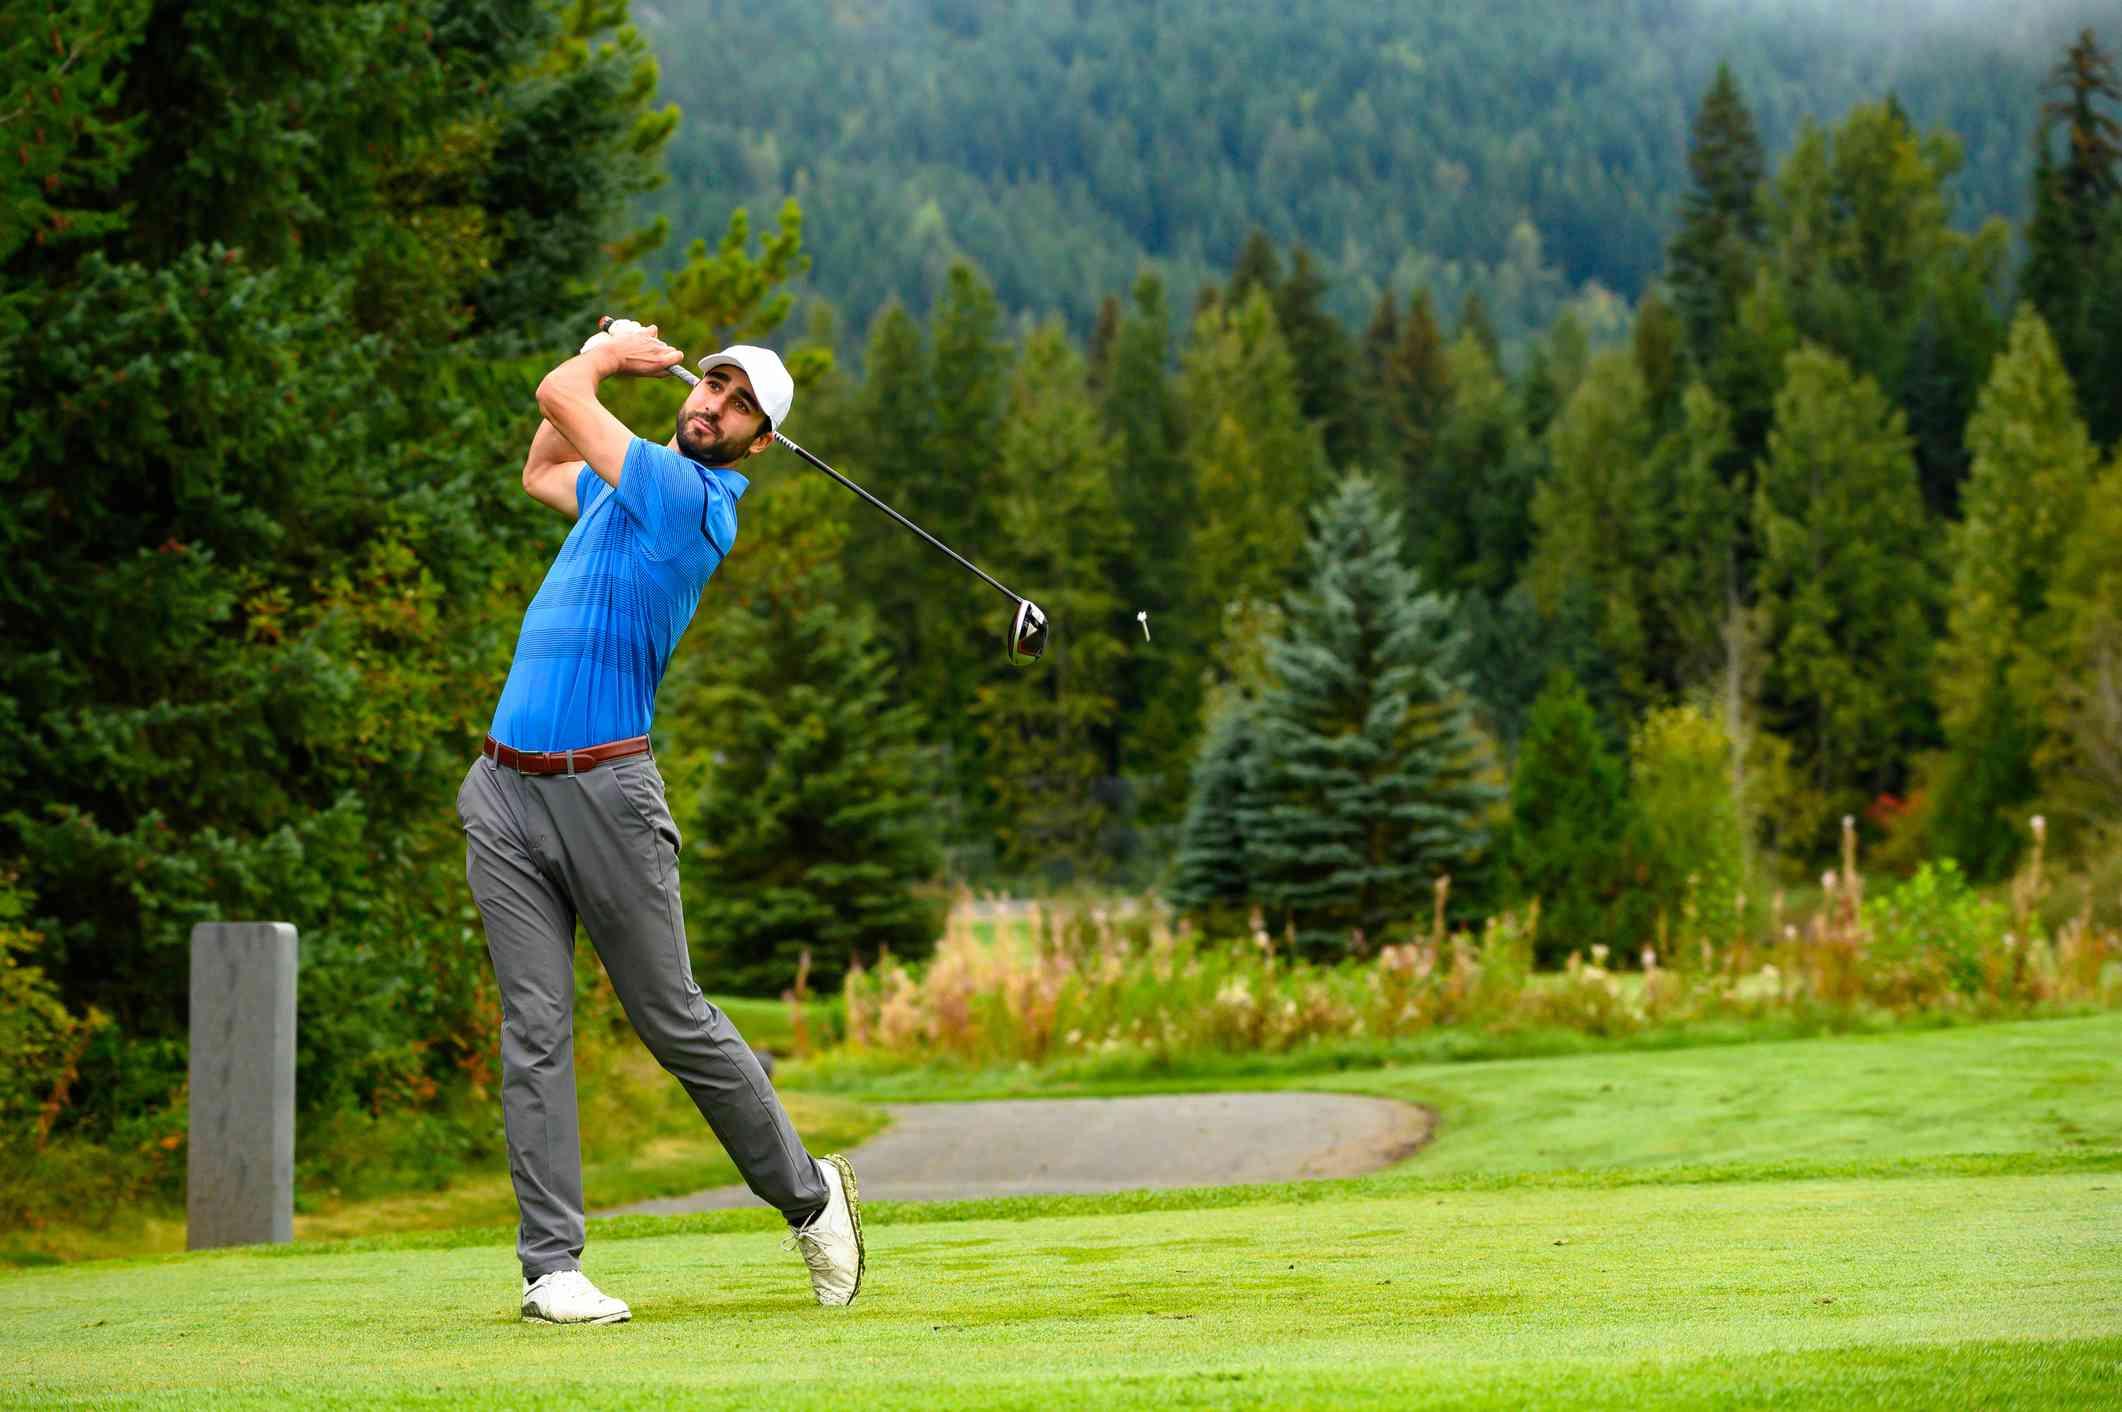 Golfer's swing